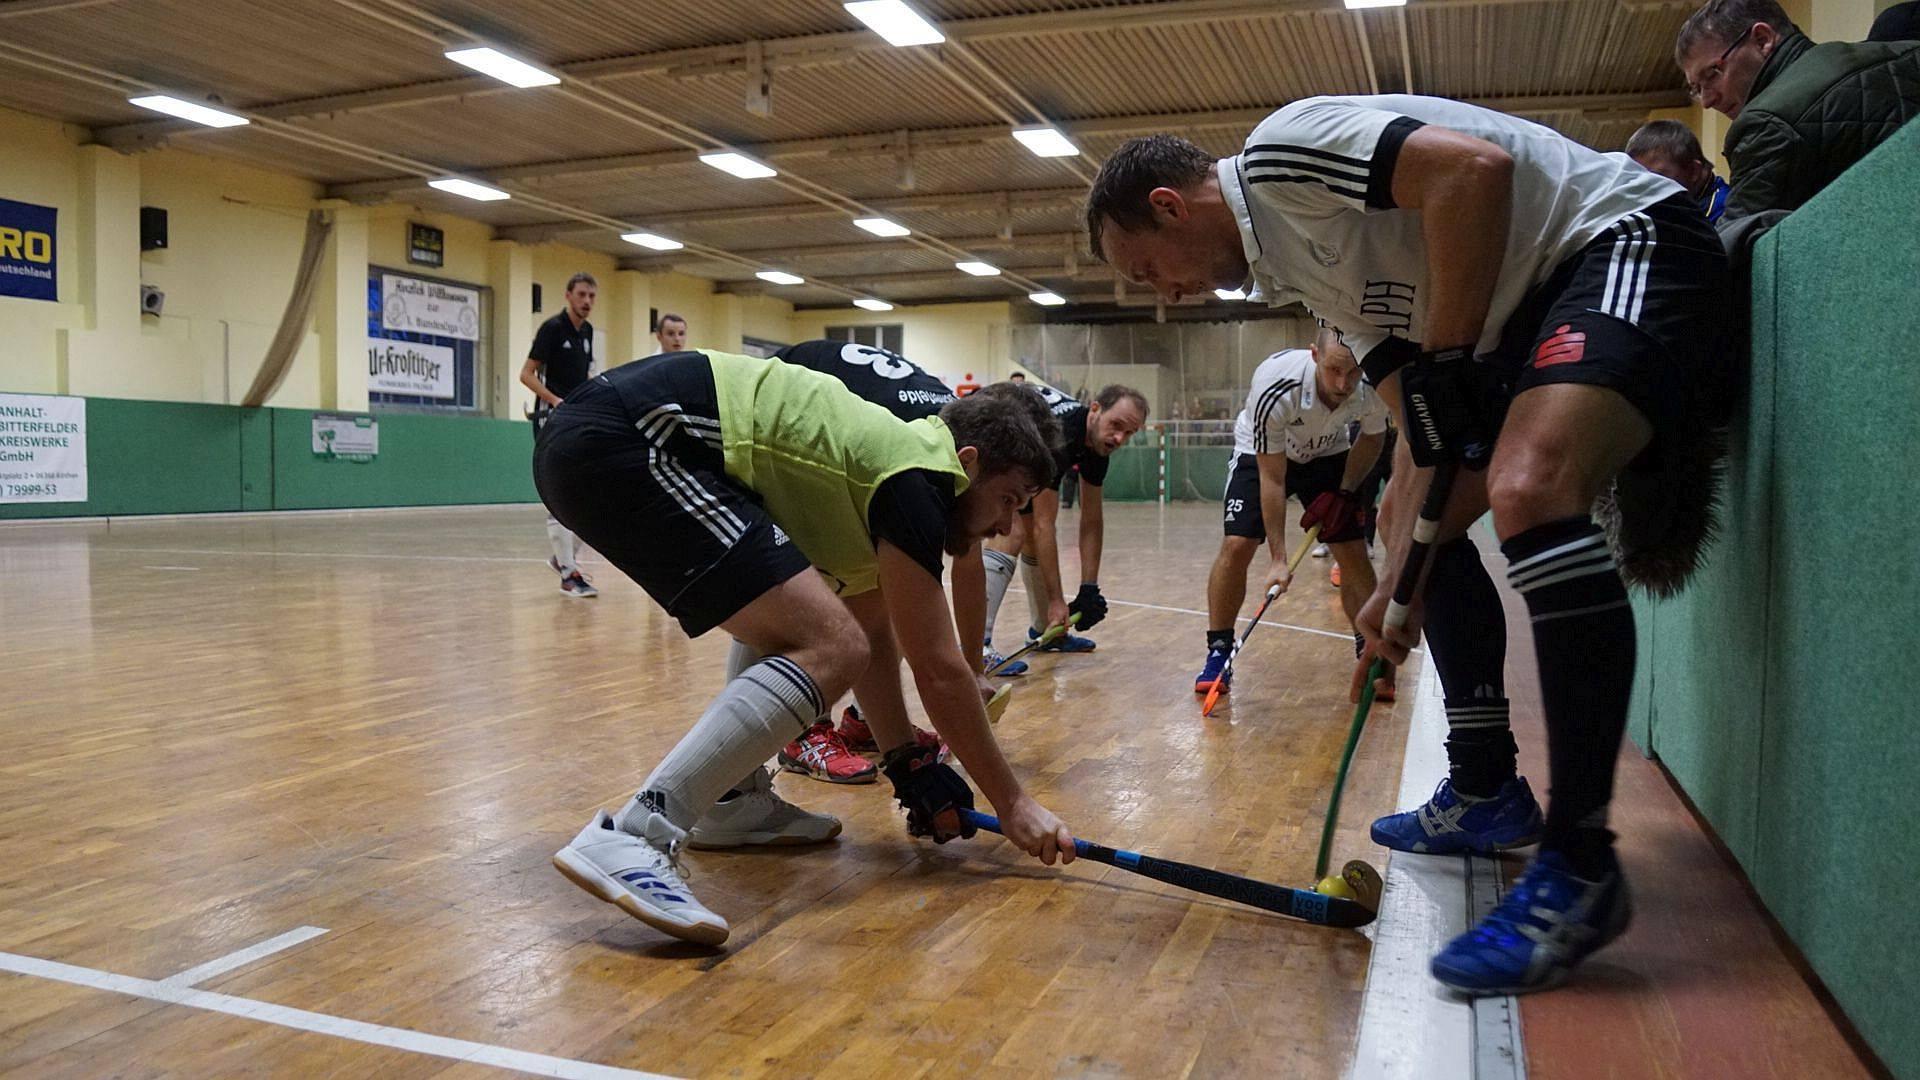 Sporthalle Osternienburg Hockey